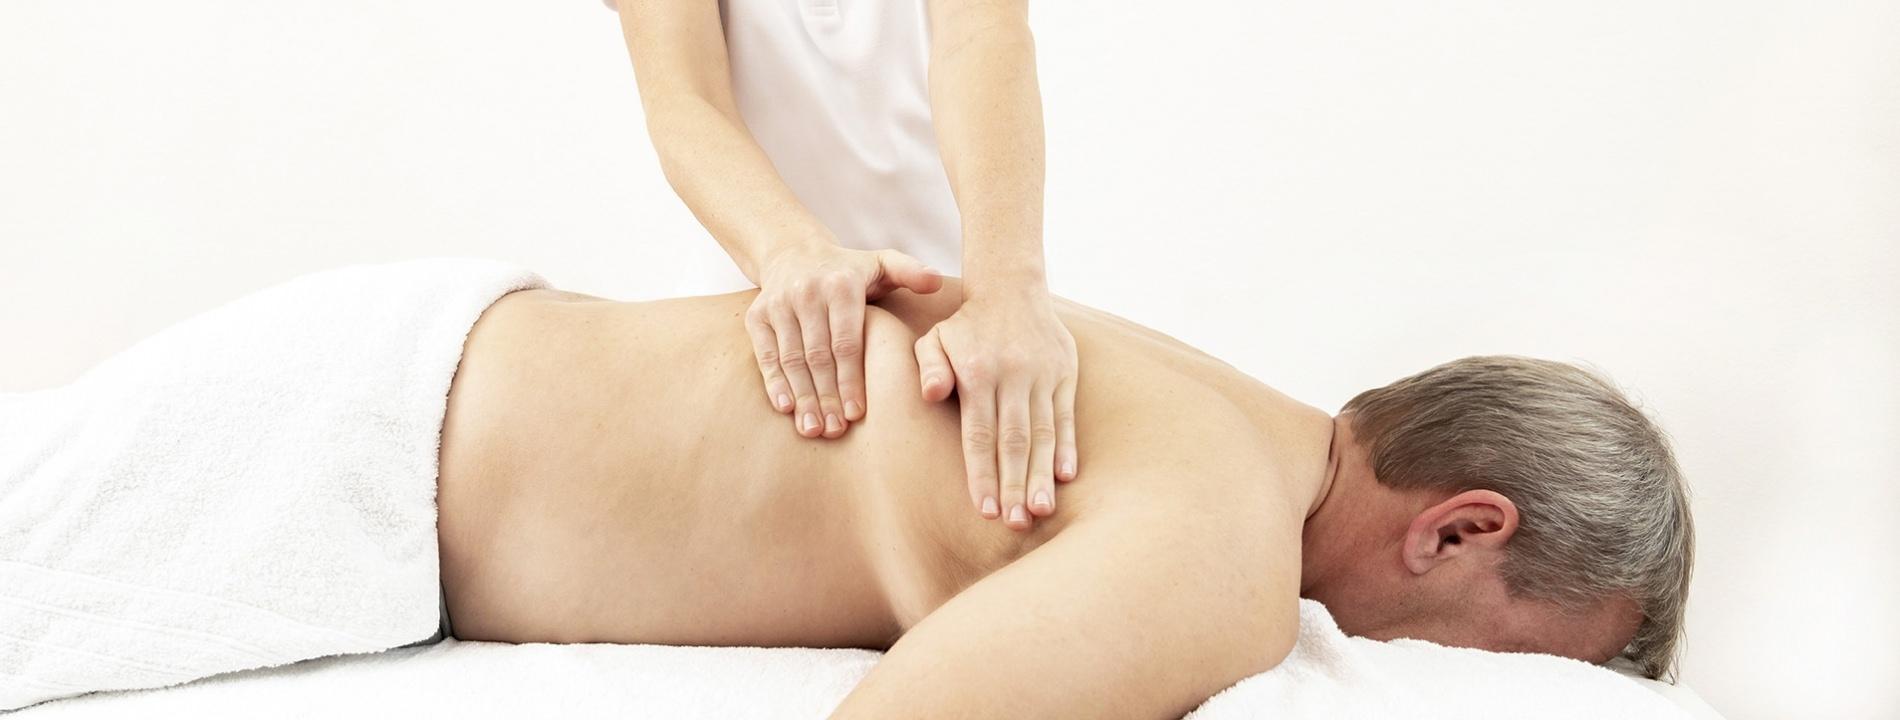 Klassische Massage 1050 Wien  - Stefanie Huber